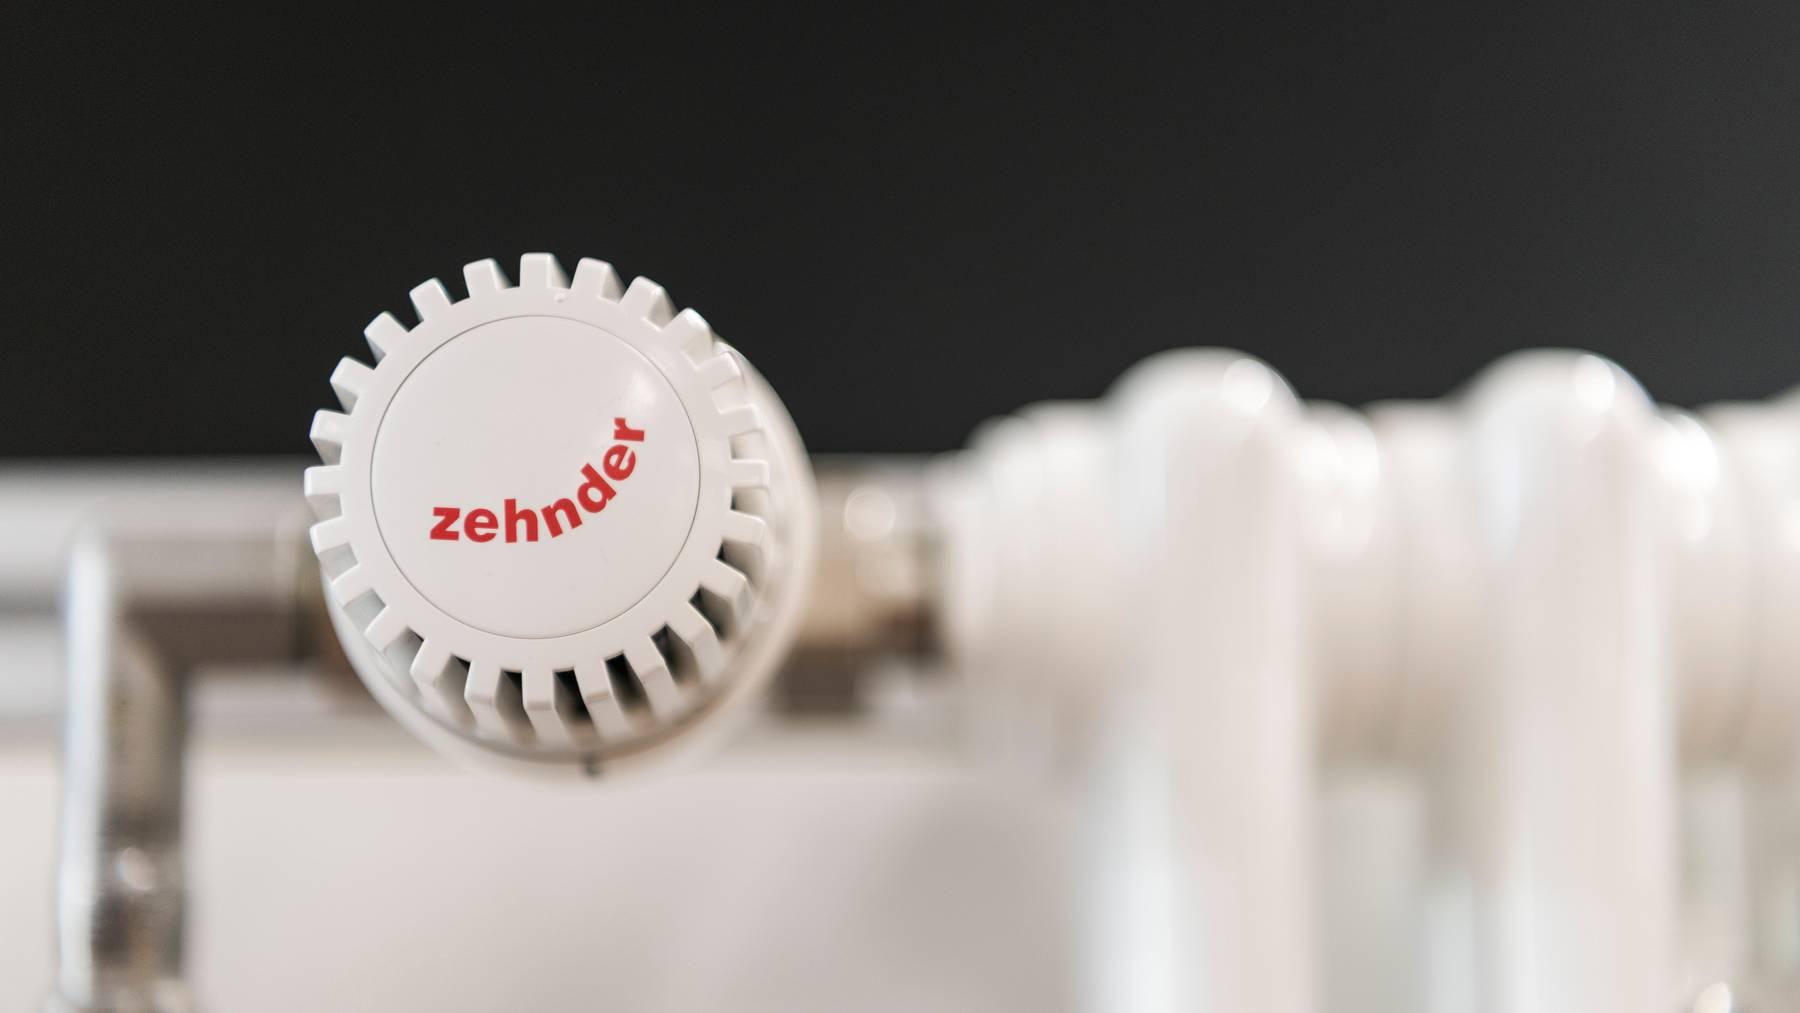 Trotz Erholung im zweiten Halbjahr erwartet die Zehnder Gruppe für 2020 einen Umsatzrückgang. (Symbolbild)